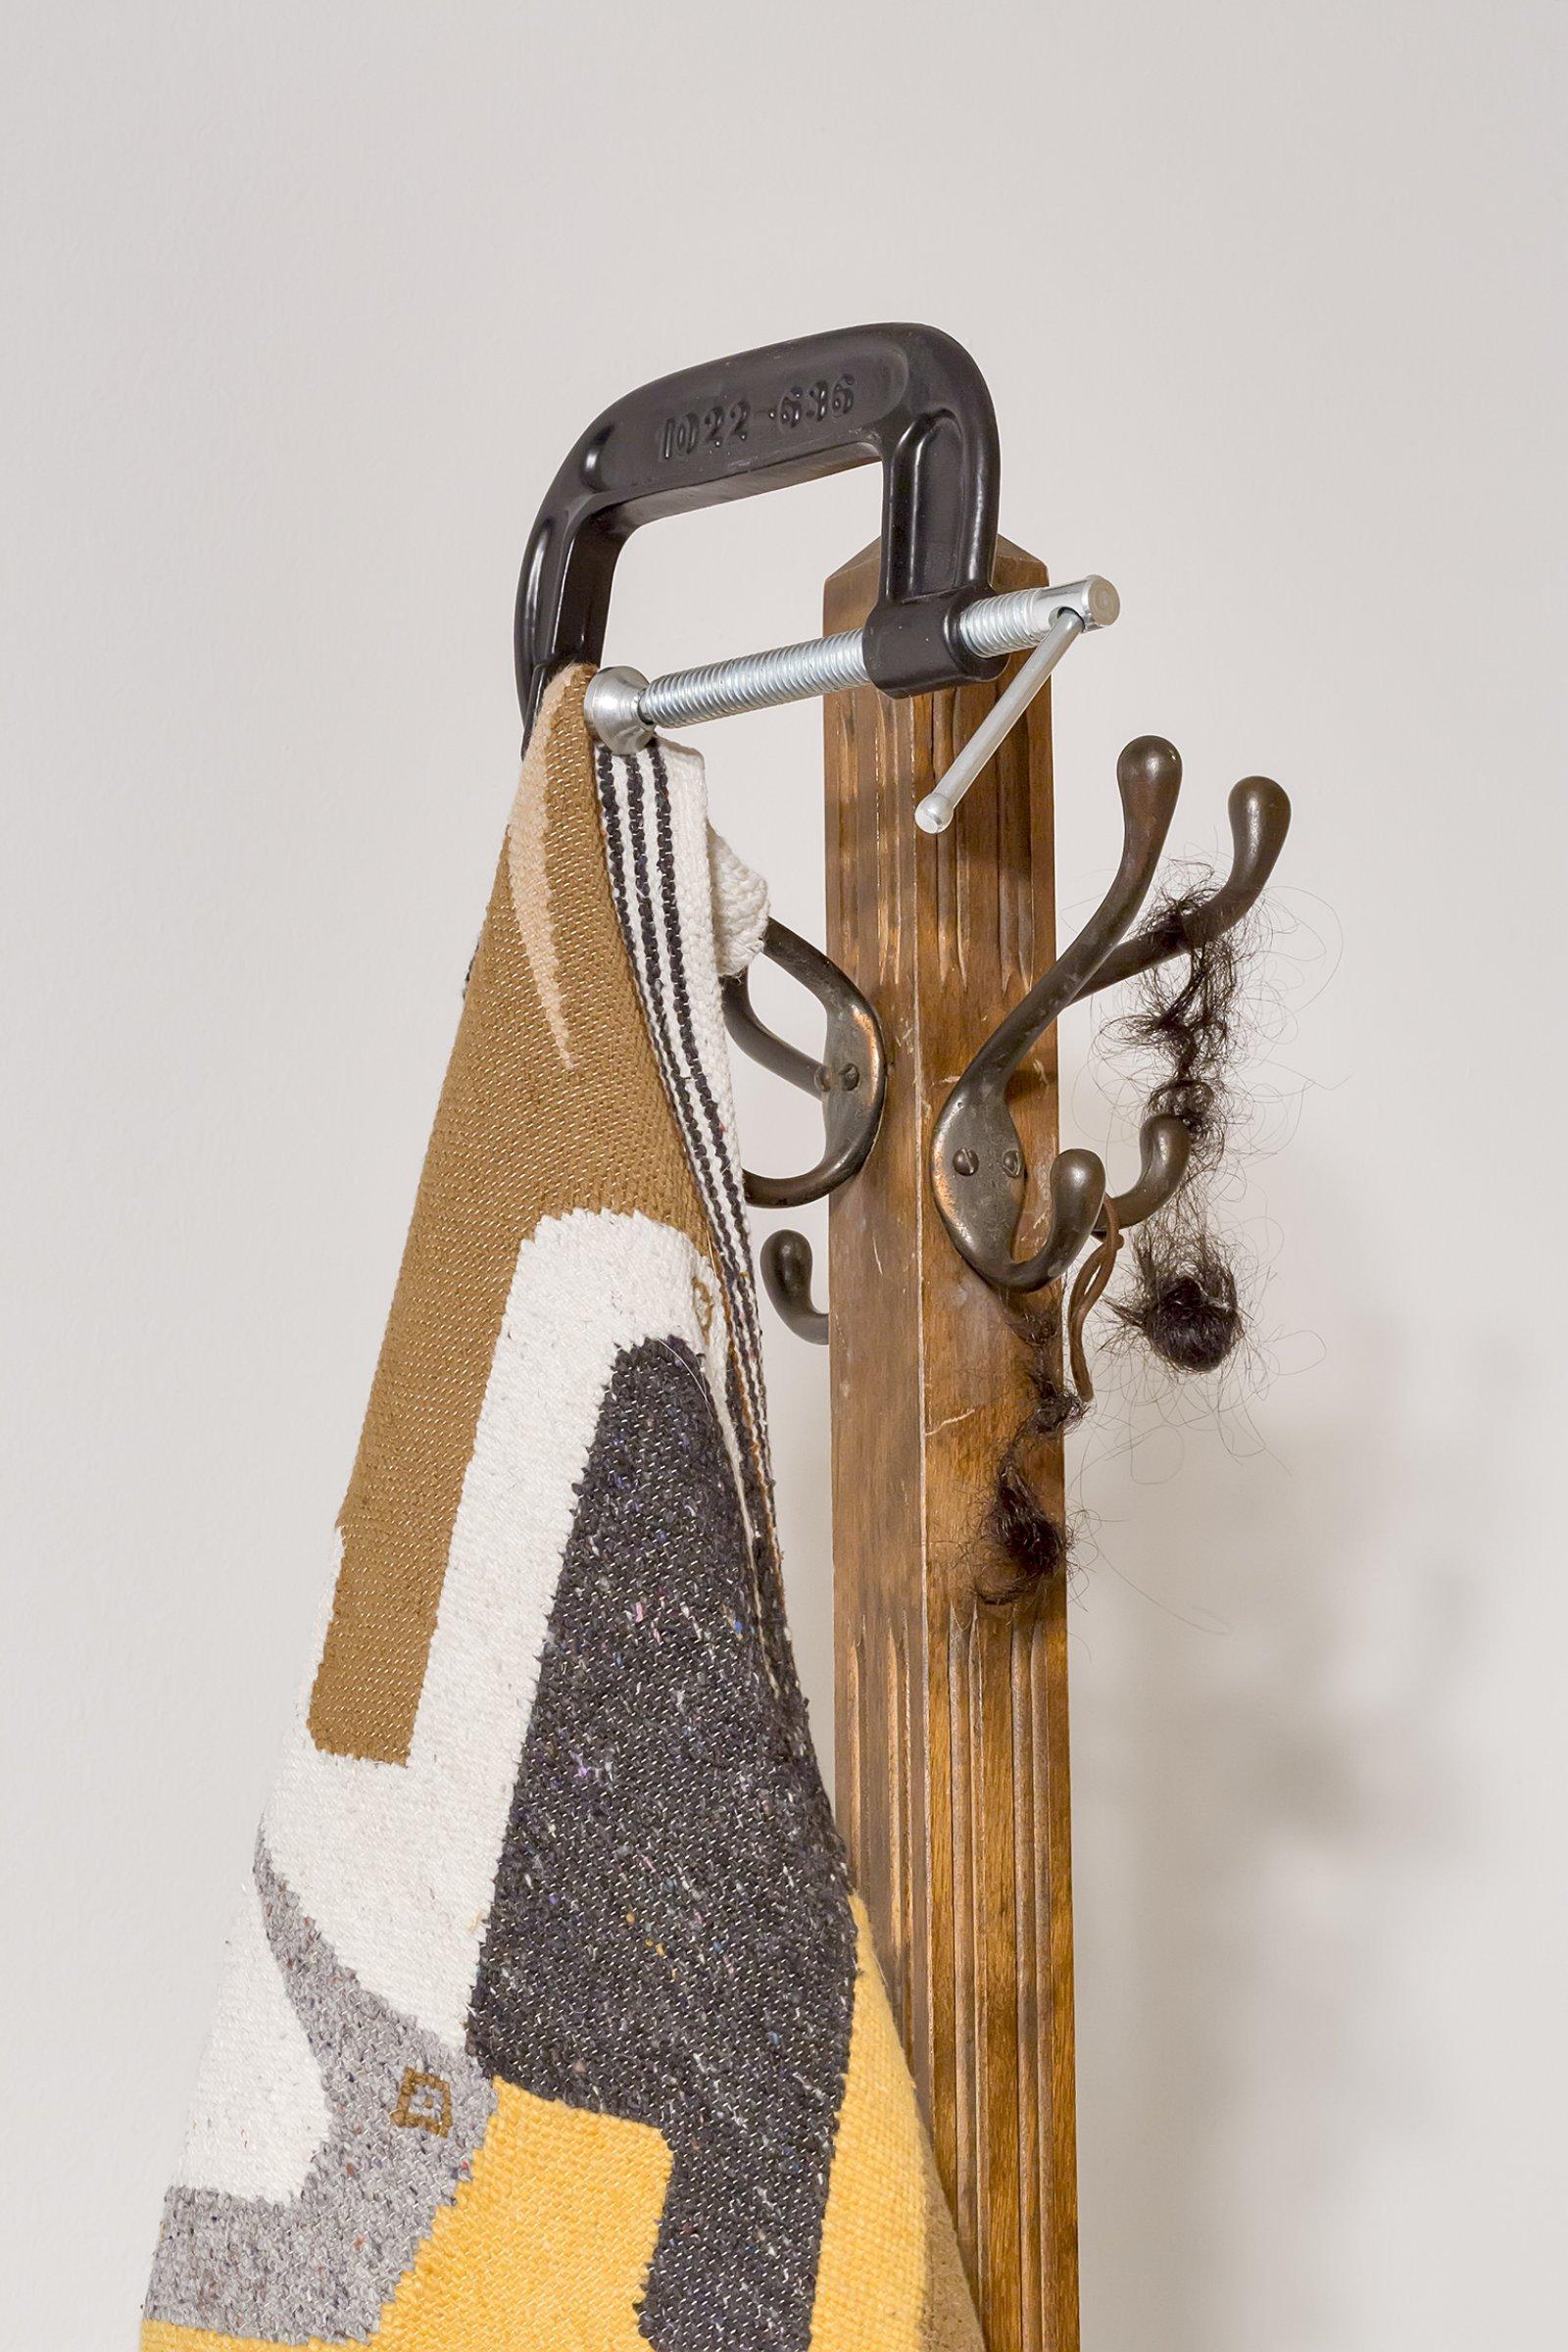 Duane Linklater, Flock (detail), 2016, wool tapestry, coathanger, steel vice, tarpaulin, gypsum, wood, steel, hair, clay, dimensions variable